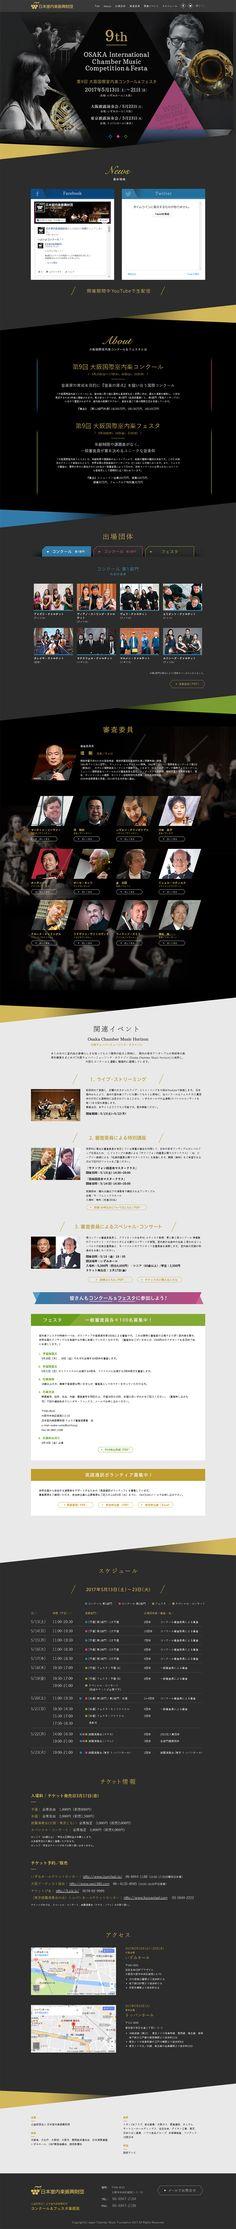 第9回大阪国際室内楽コンクール&フェスタ【サービス関連】のLPデザイン。WEBデザイナーさん必見!ランディングページのデザイン参考に(かっこいい系)